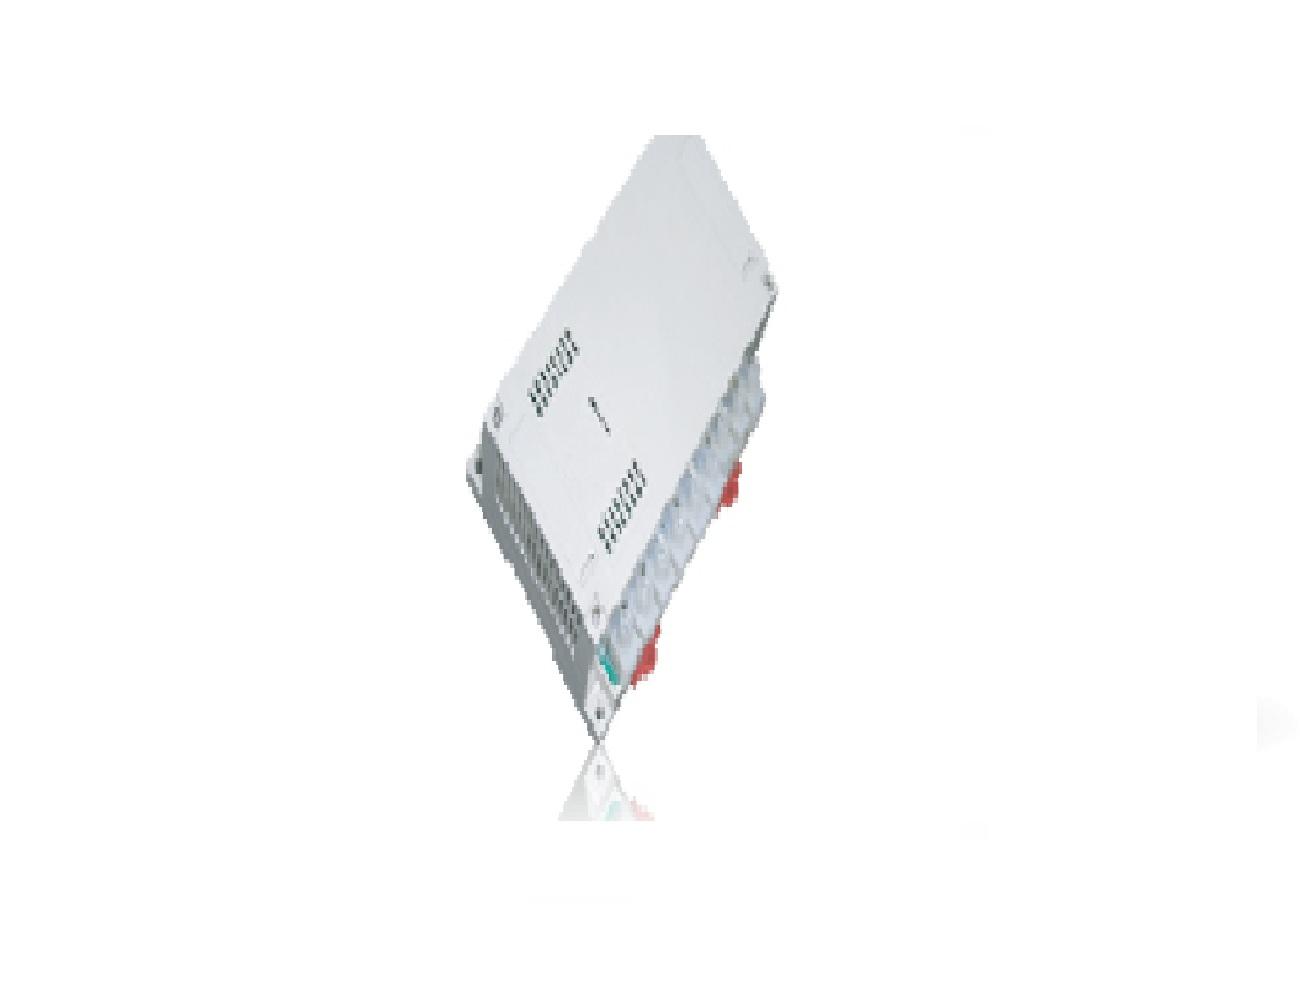 Thiết bị đo đếm năng lượng Permay -  PM-PLIM003